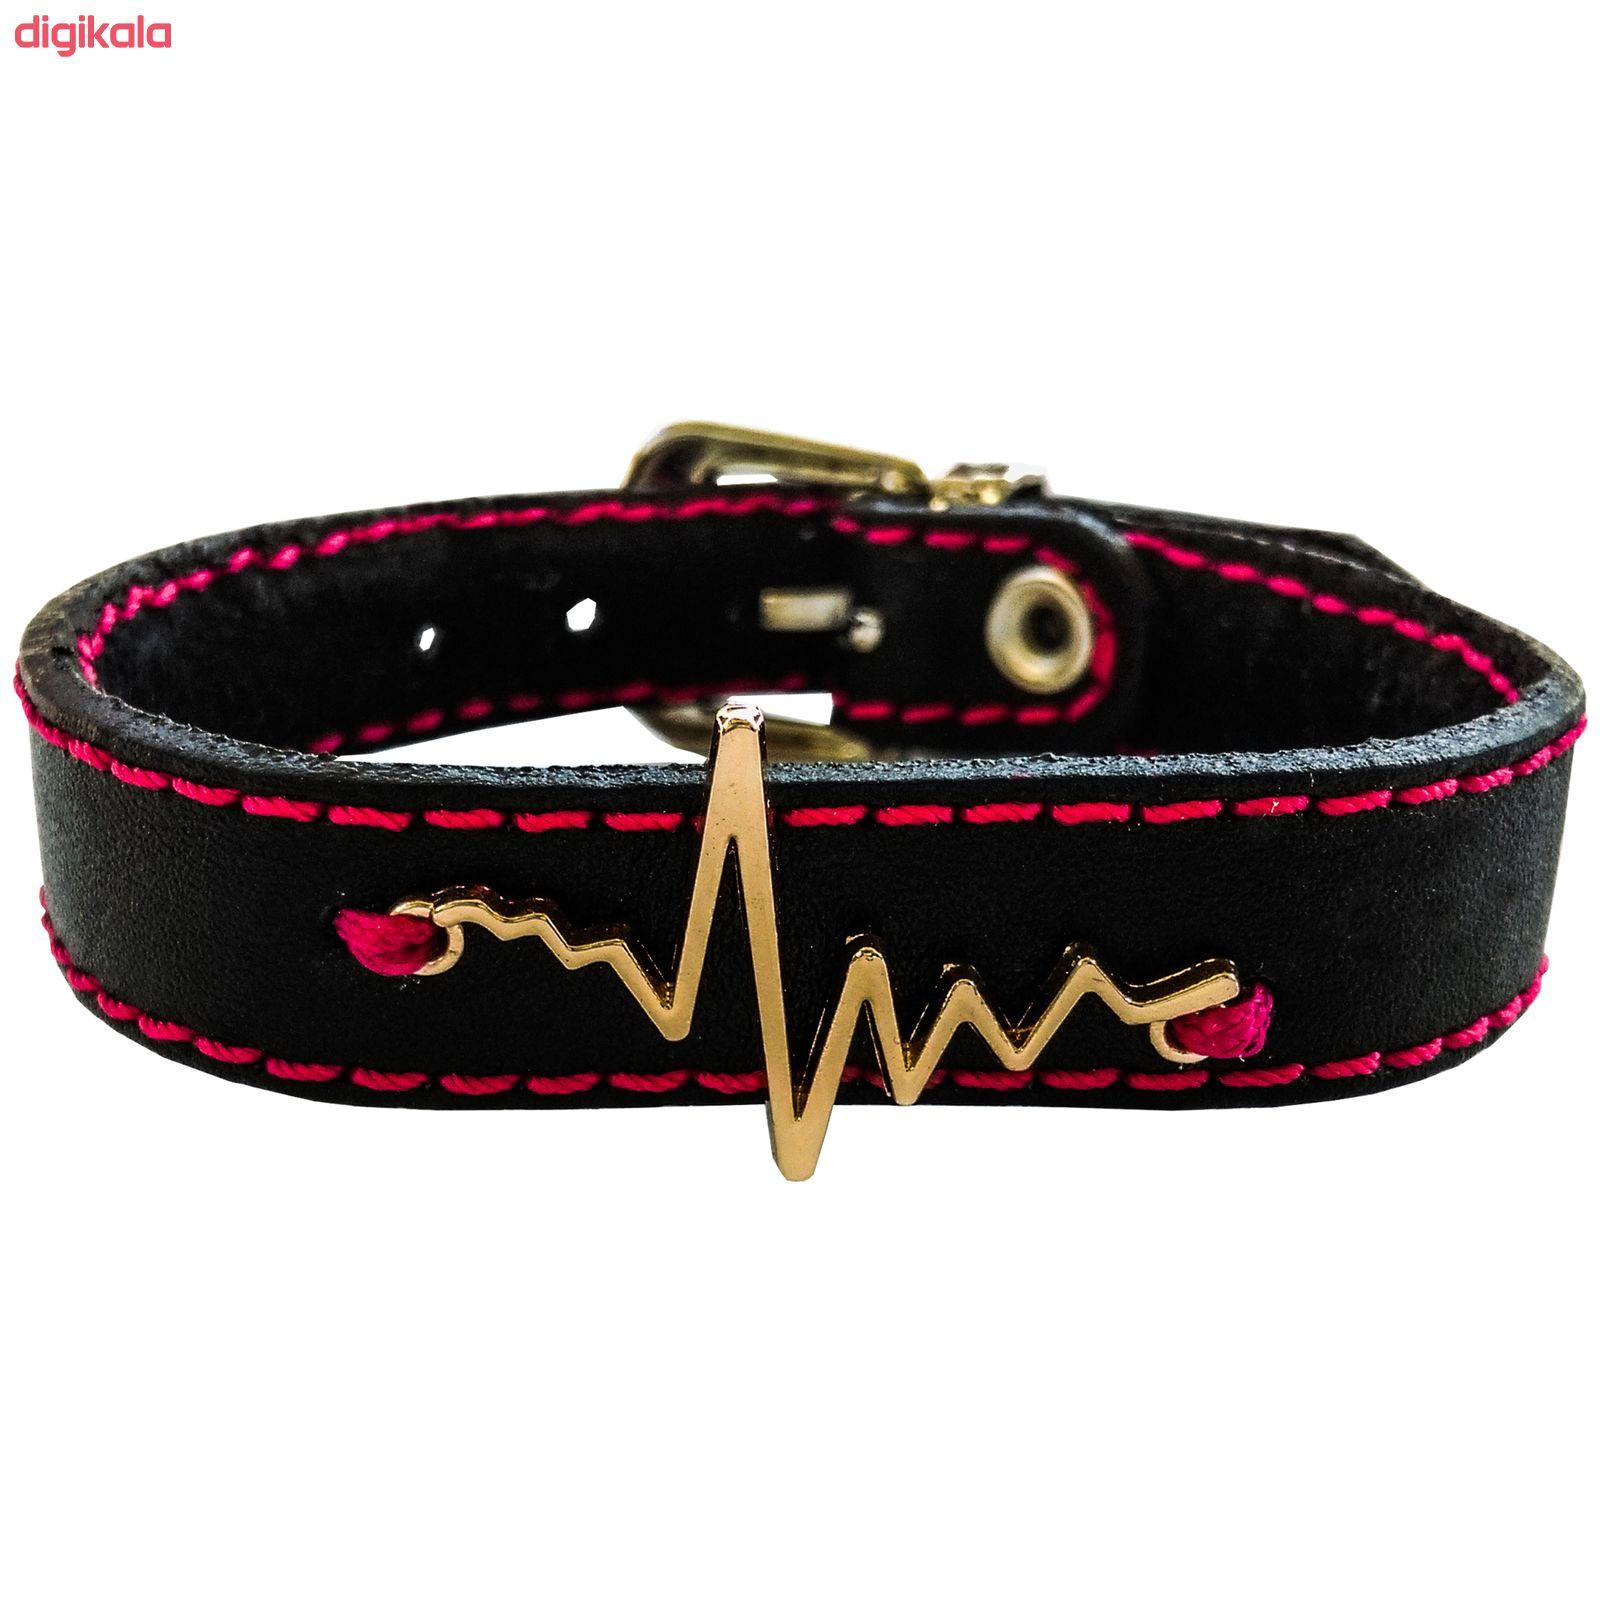 دستبند زنانه چرم وارک مدل پرهام کد rb59 main 1 1